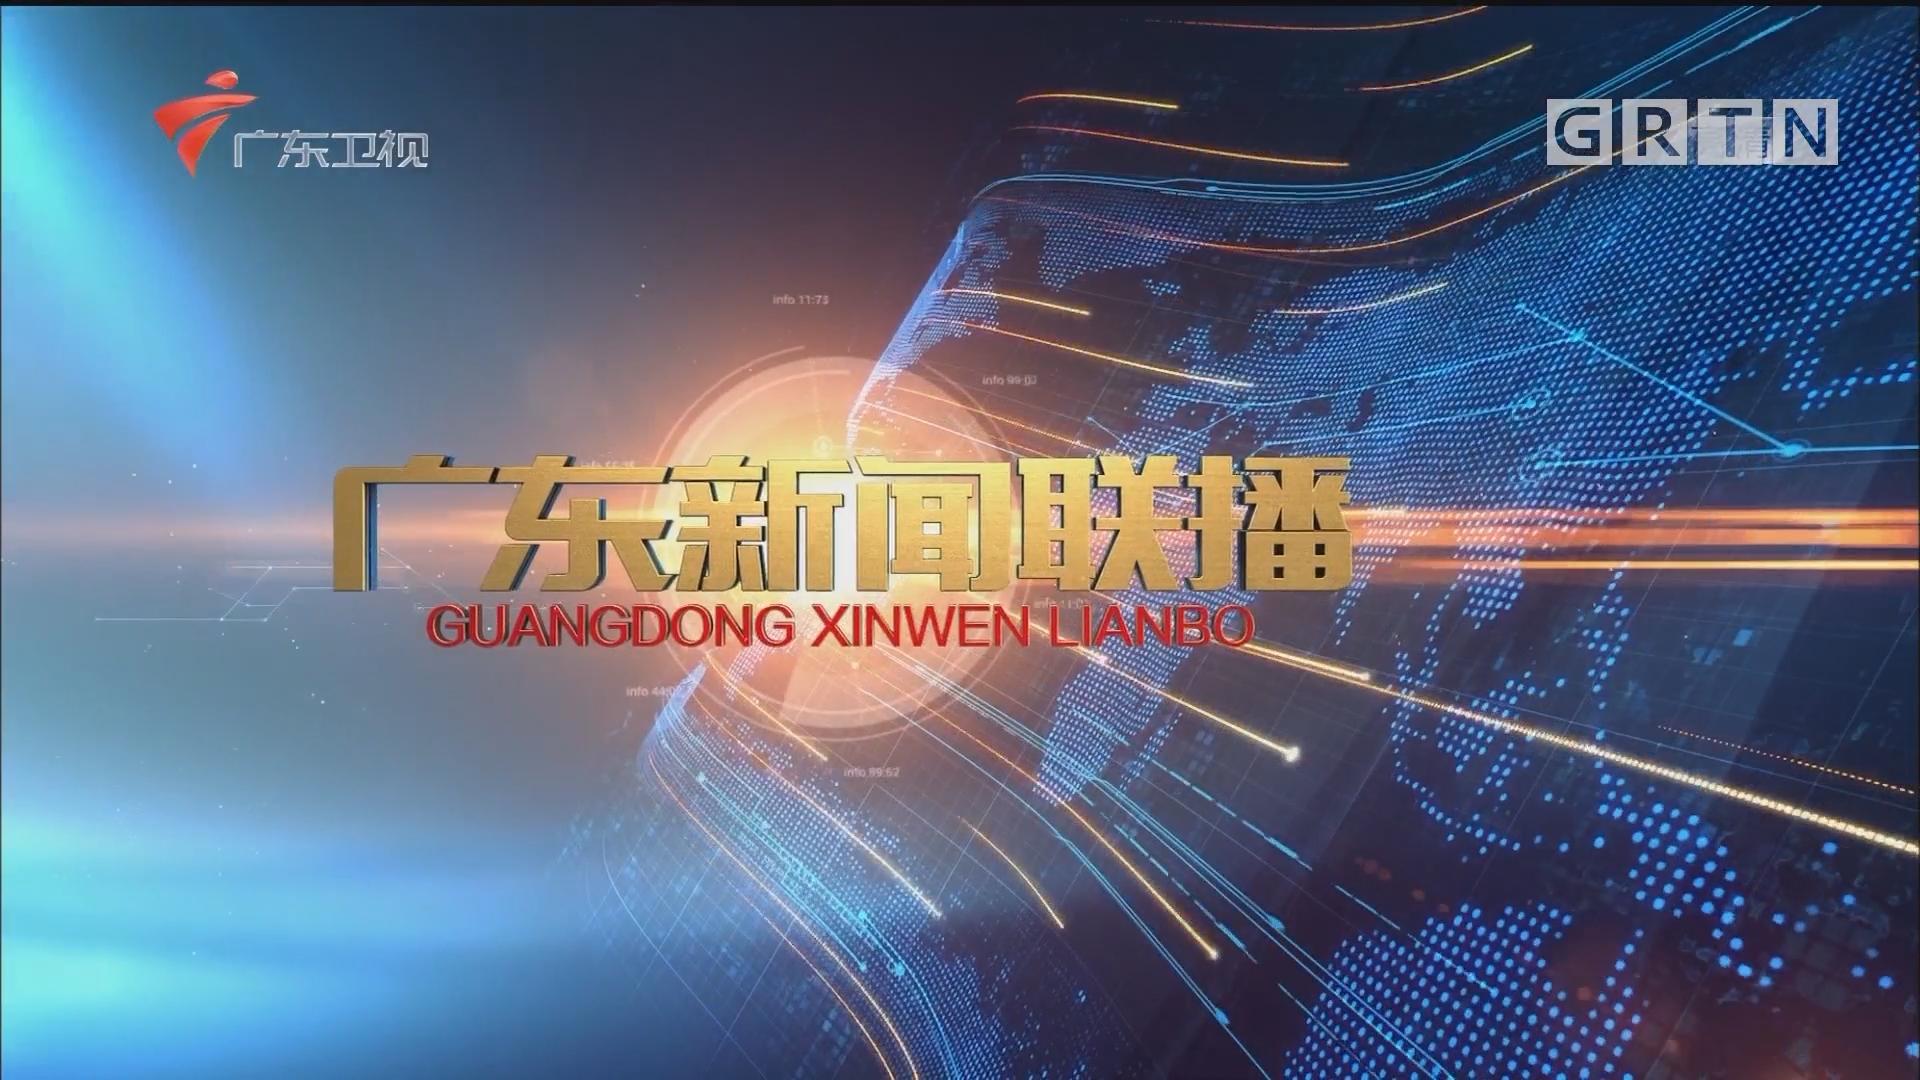 [HD][2017-10-19]广东新闻联播:广东代表团向中外媒体开放